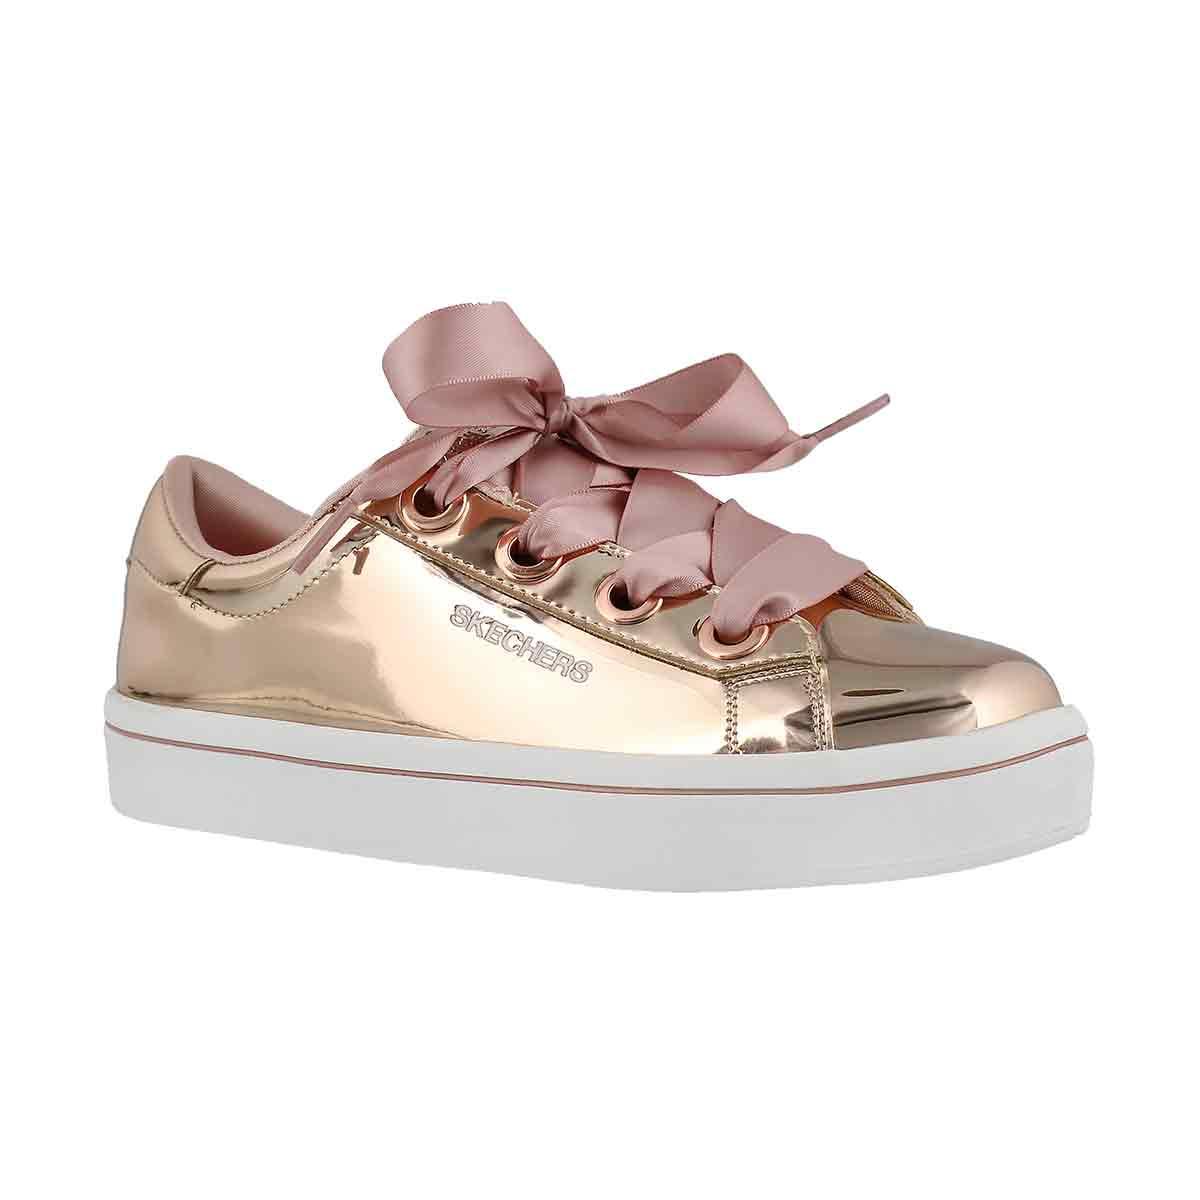 Girls' HI-LITE LIQUID BLING  rose gold sneakers